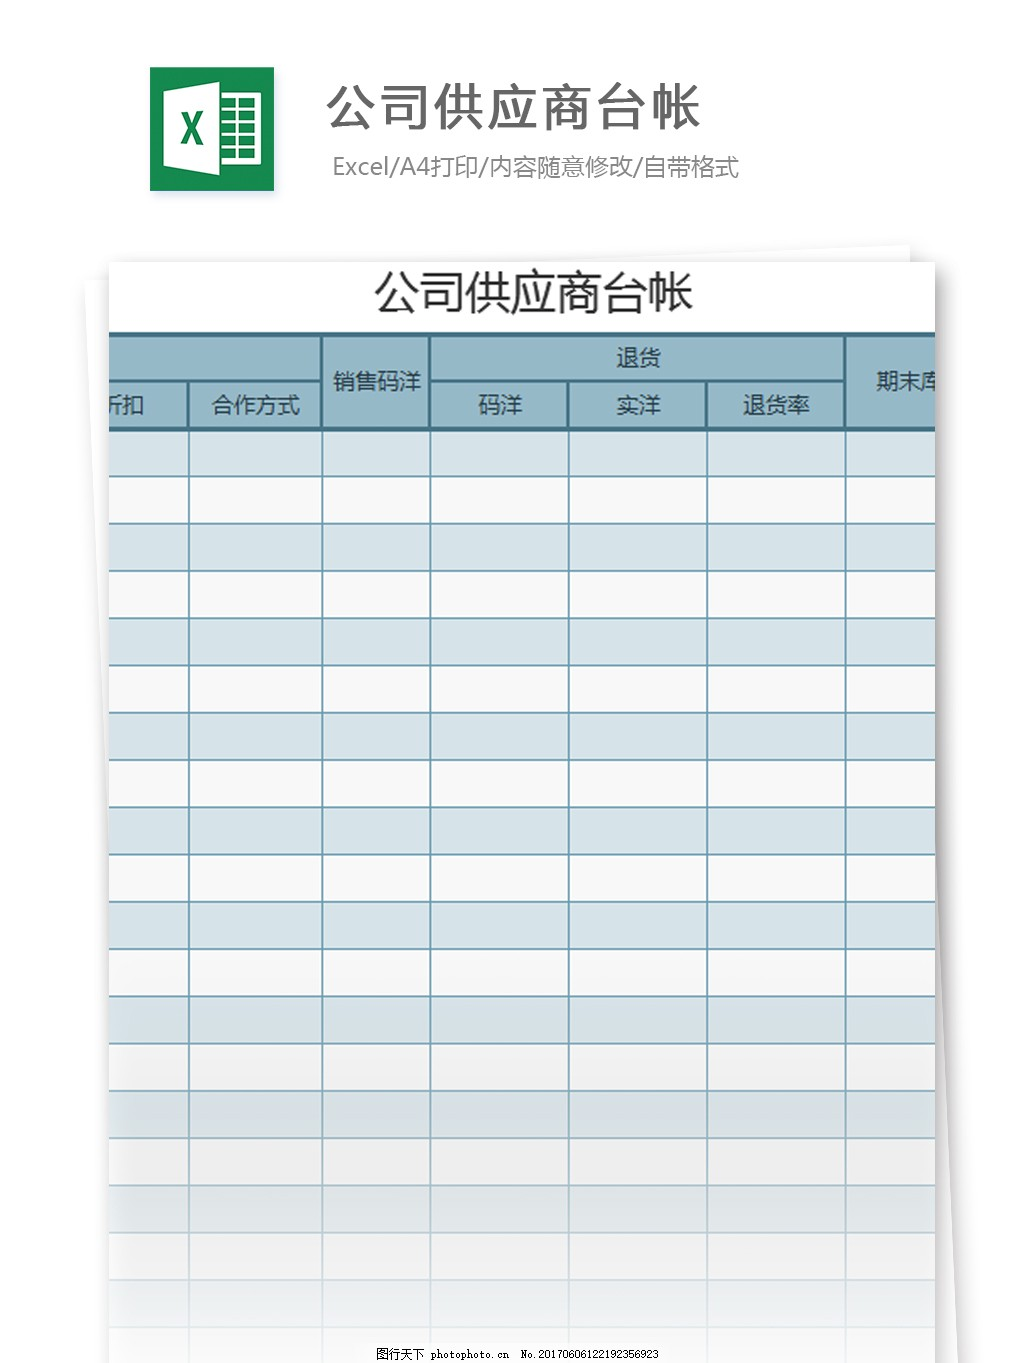 费用表格式_公司供应商台账excel模板图片_费用报表_Excel模板_图行天下图库